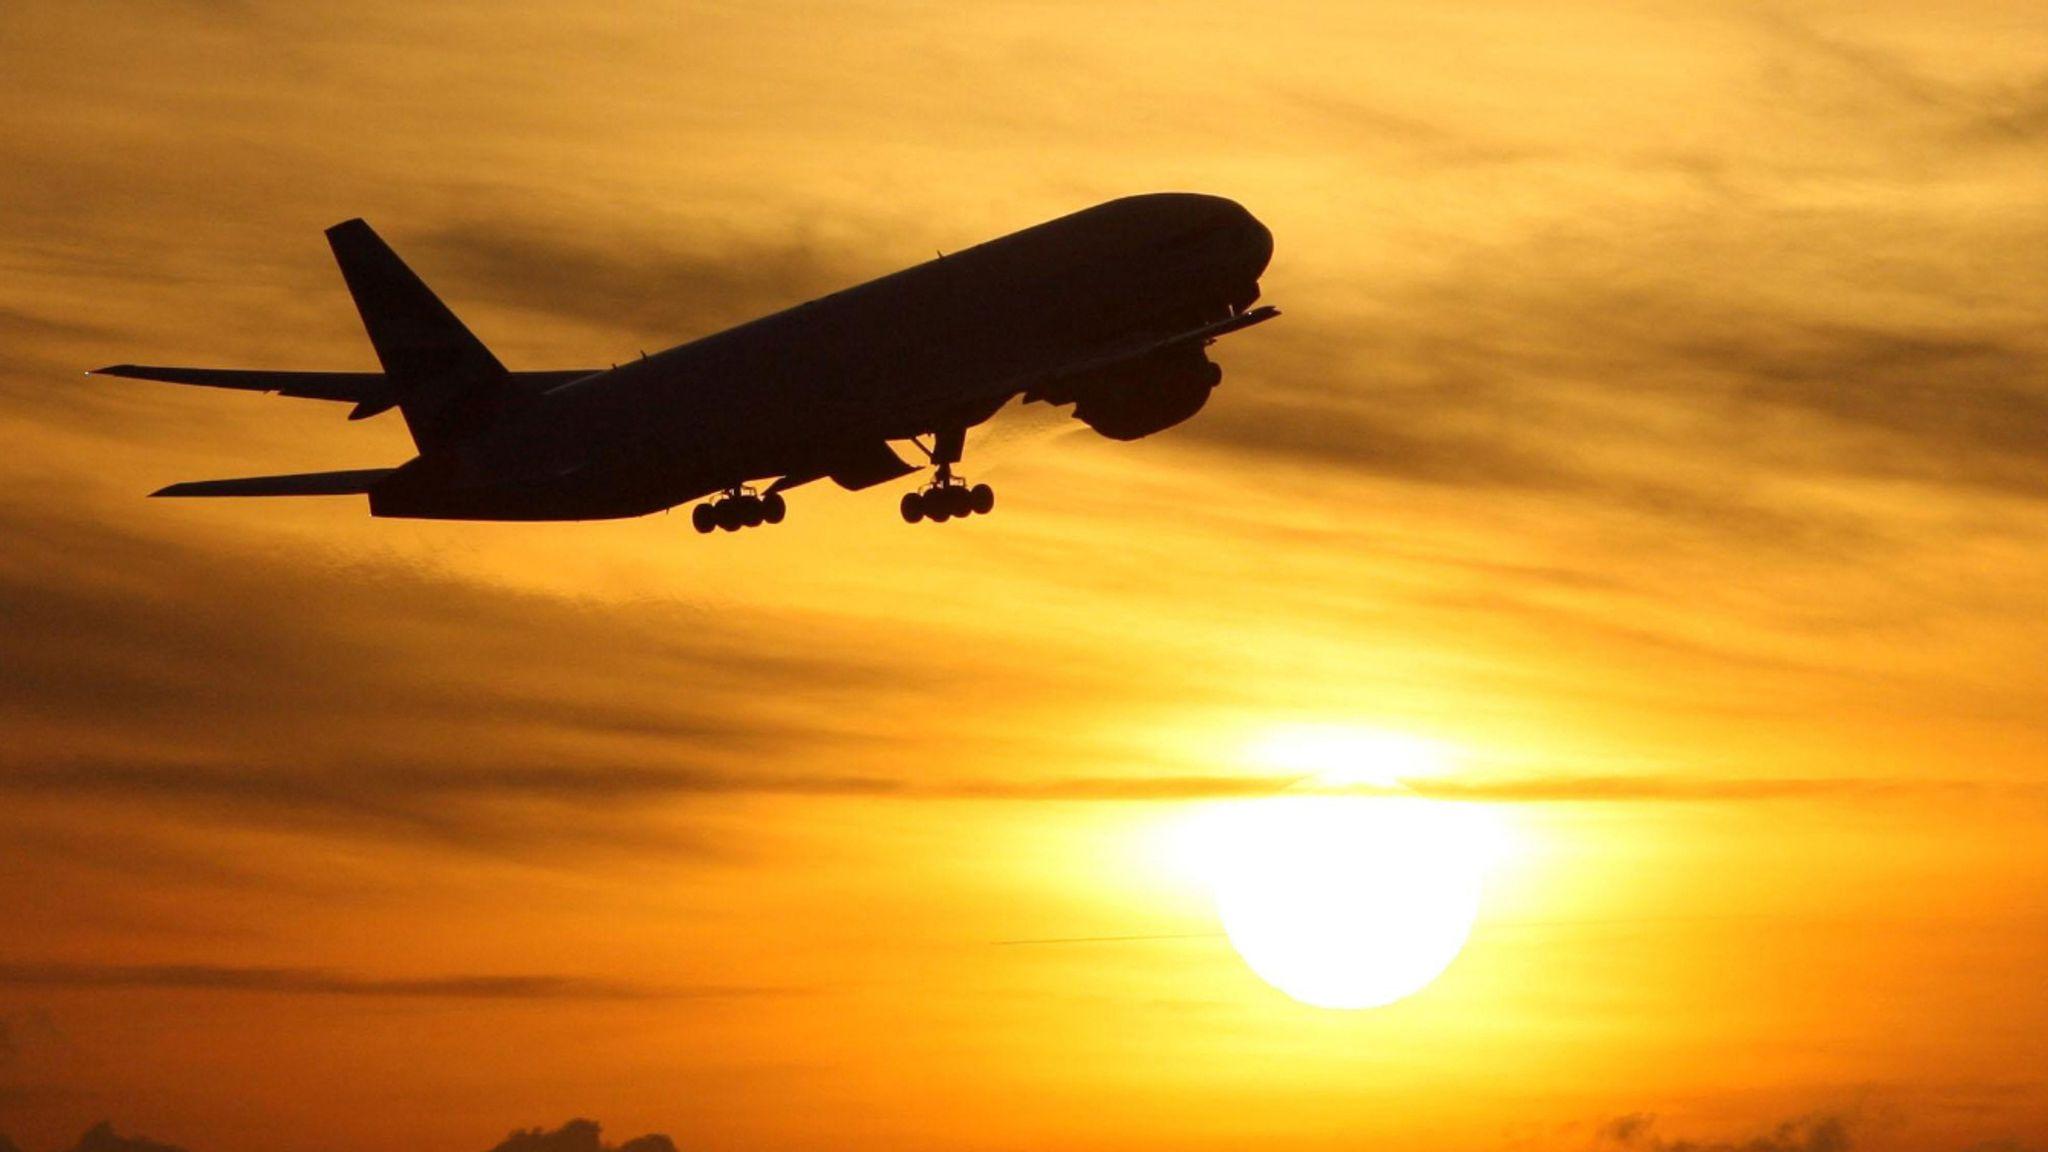 英国宣布解除严格管控计划后 境外旅行预定猛增